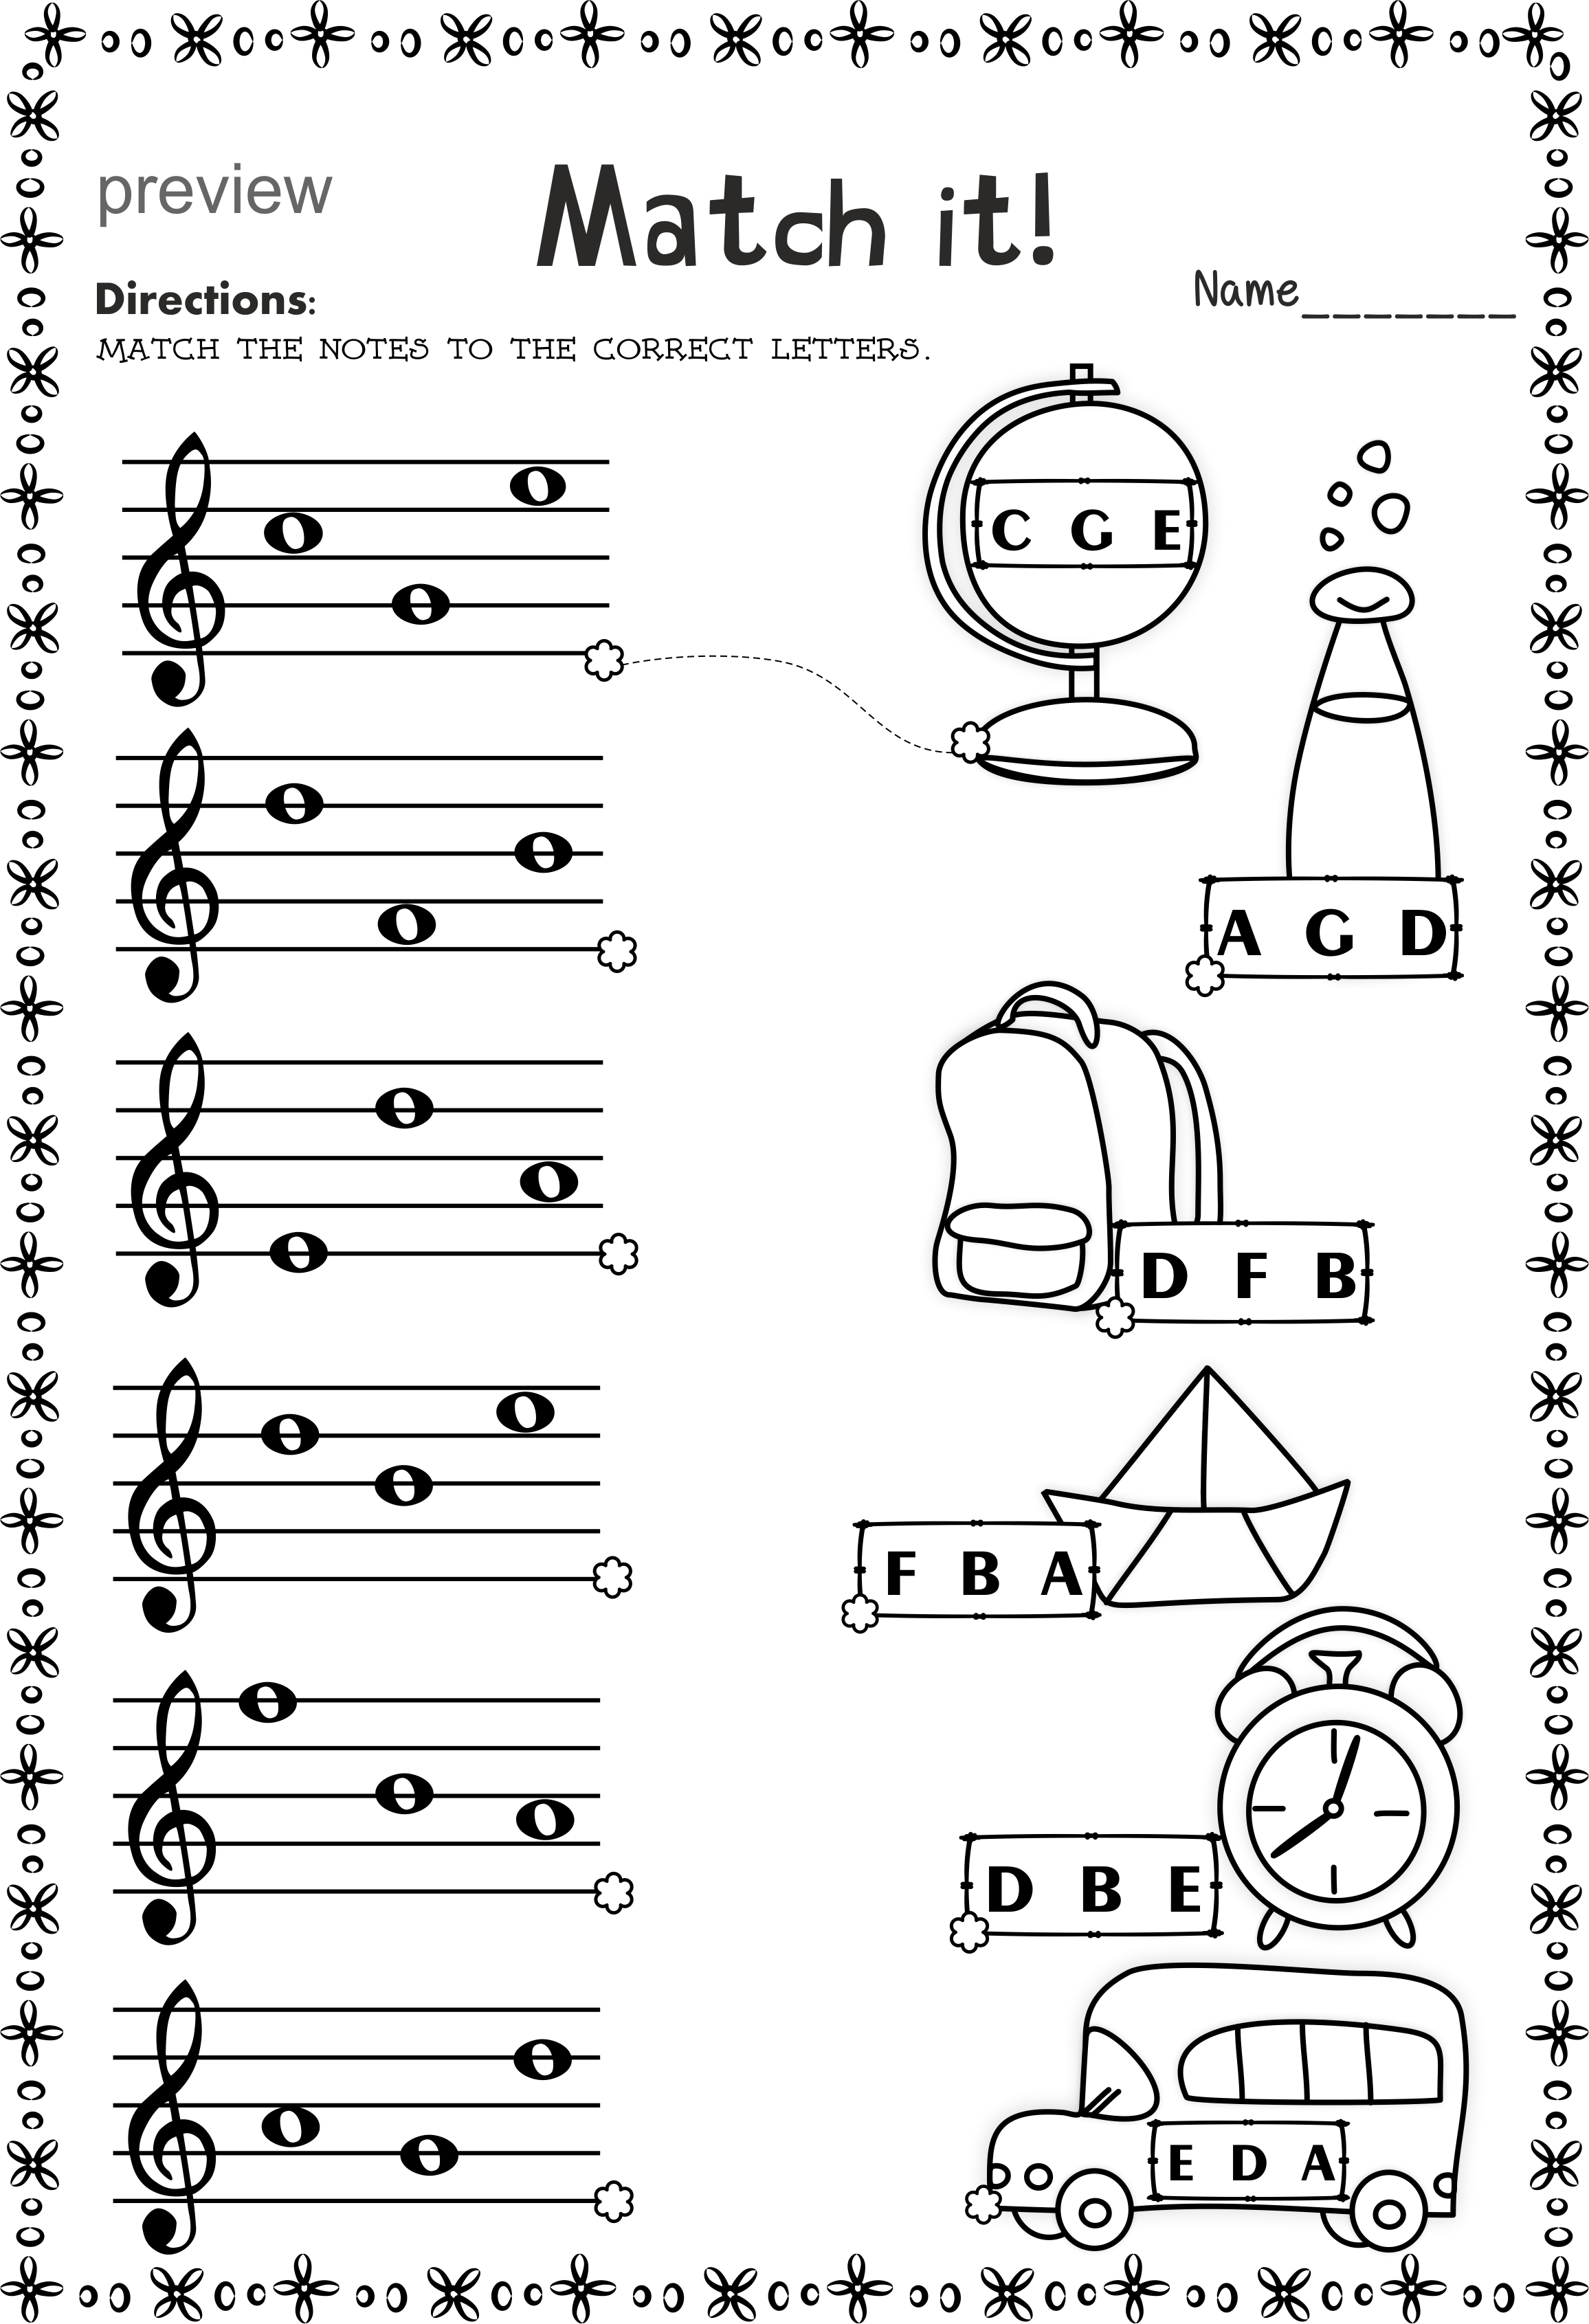 Worksheets Treble Clef Worksheets back to school treble clef note naming worksheets music theory worksheets